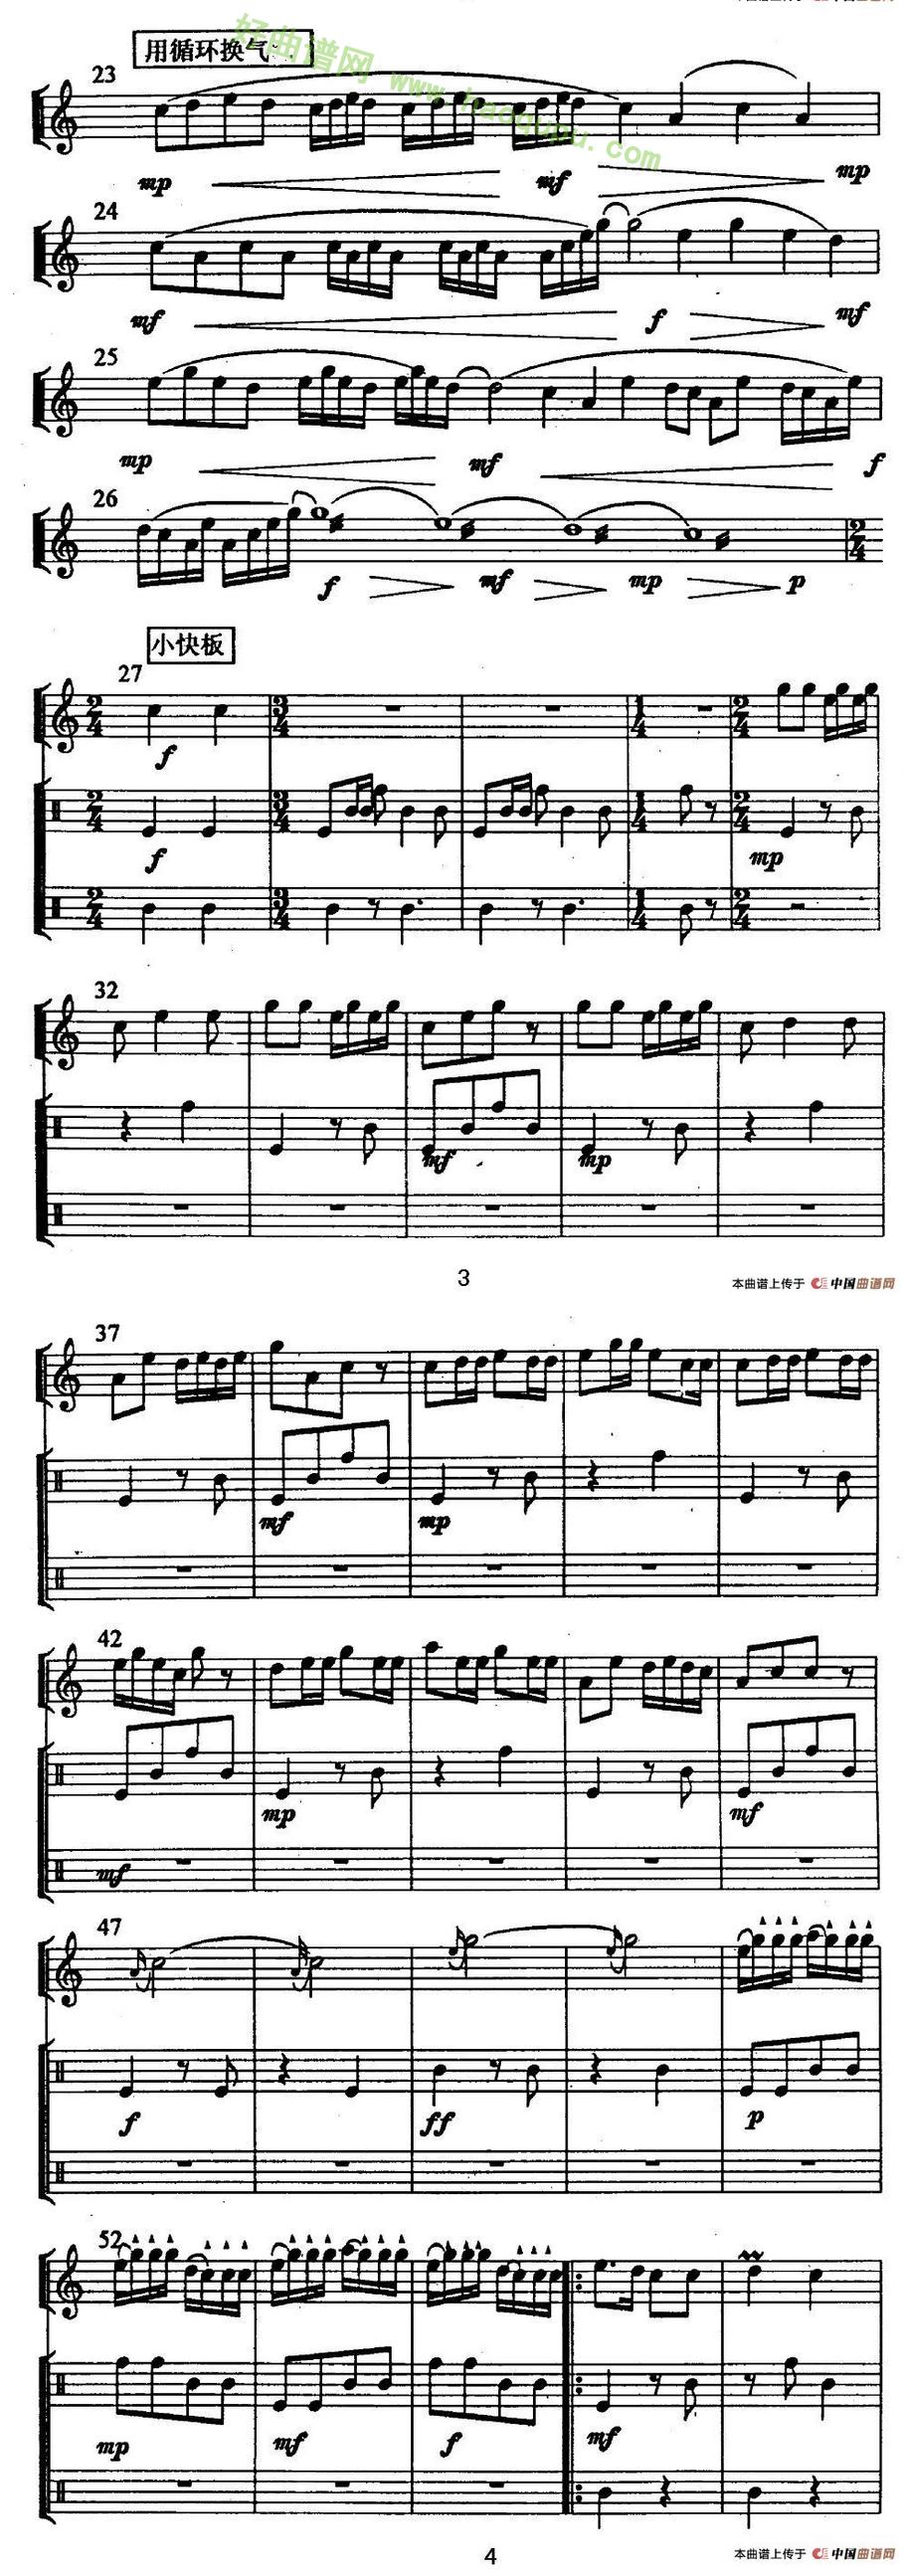 《拜月》葫芦丝曲谱第2张